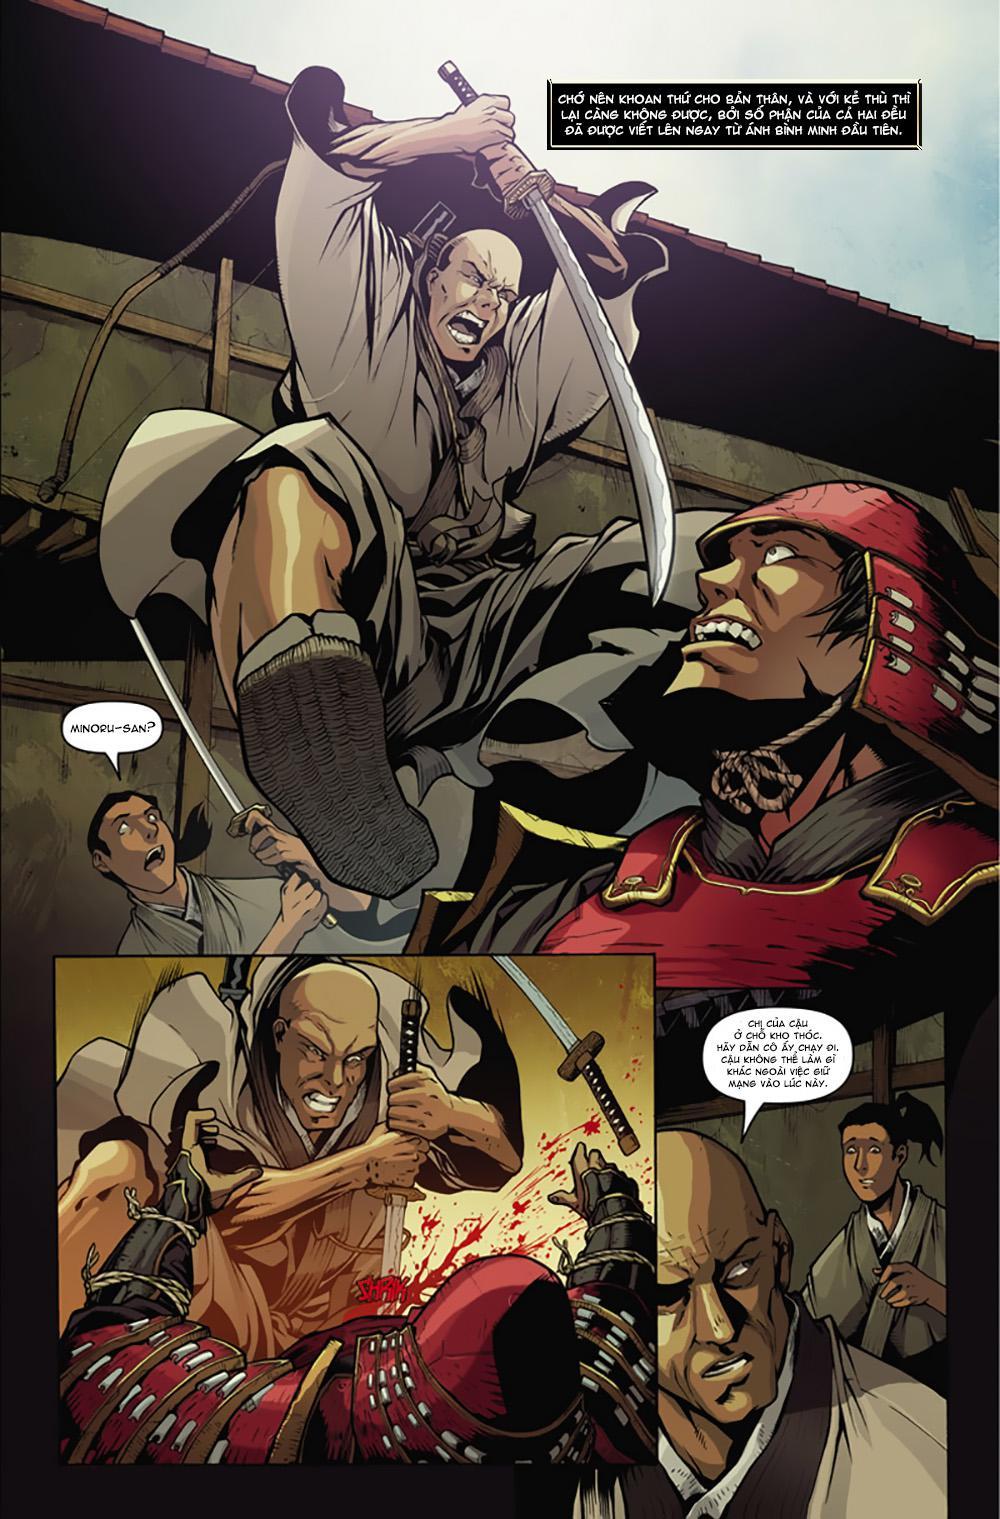 Nhiệt Huyết Võ Sĩ - Samurai's Blood: Nhiệt huyết võ sĩ - samurai's blood chapter 1